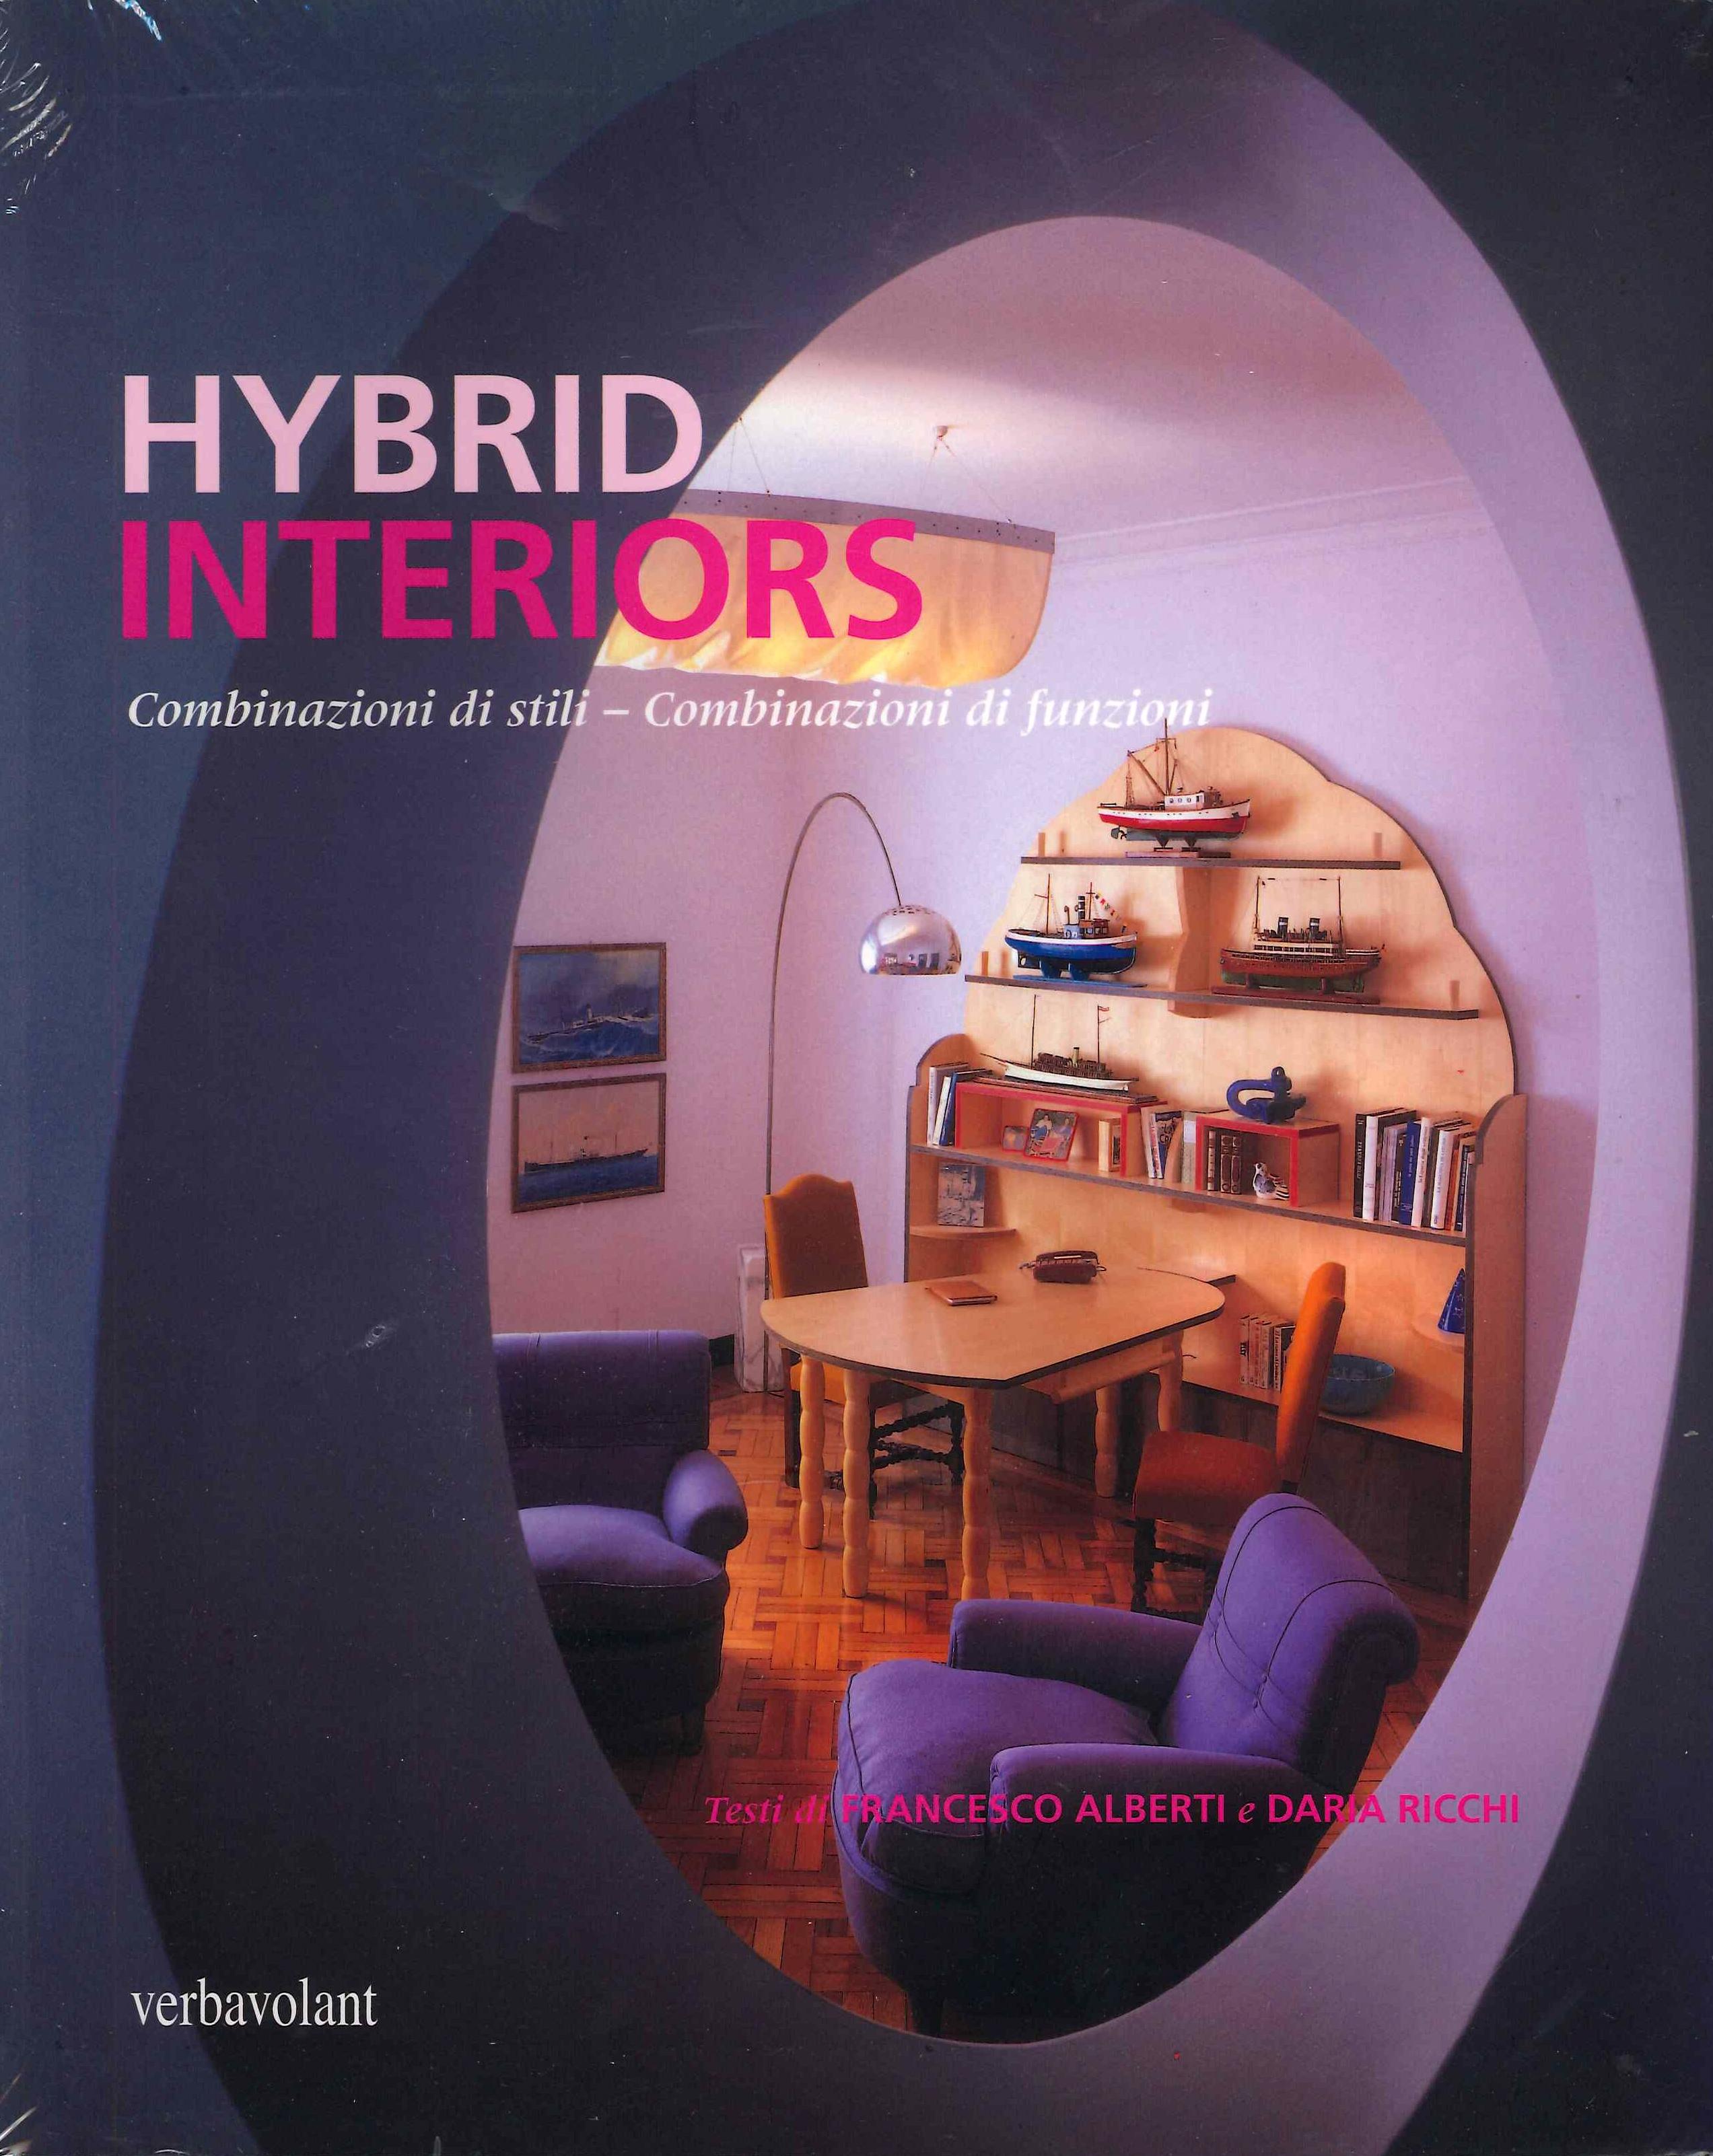 Hybrid Interiors. Combinazioni di Stili - Combinazioni di Funzioni